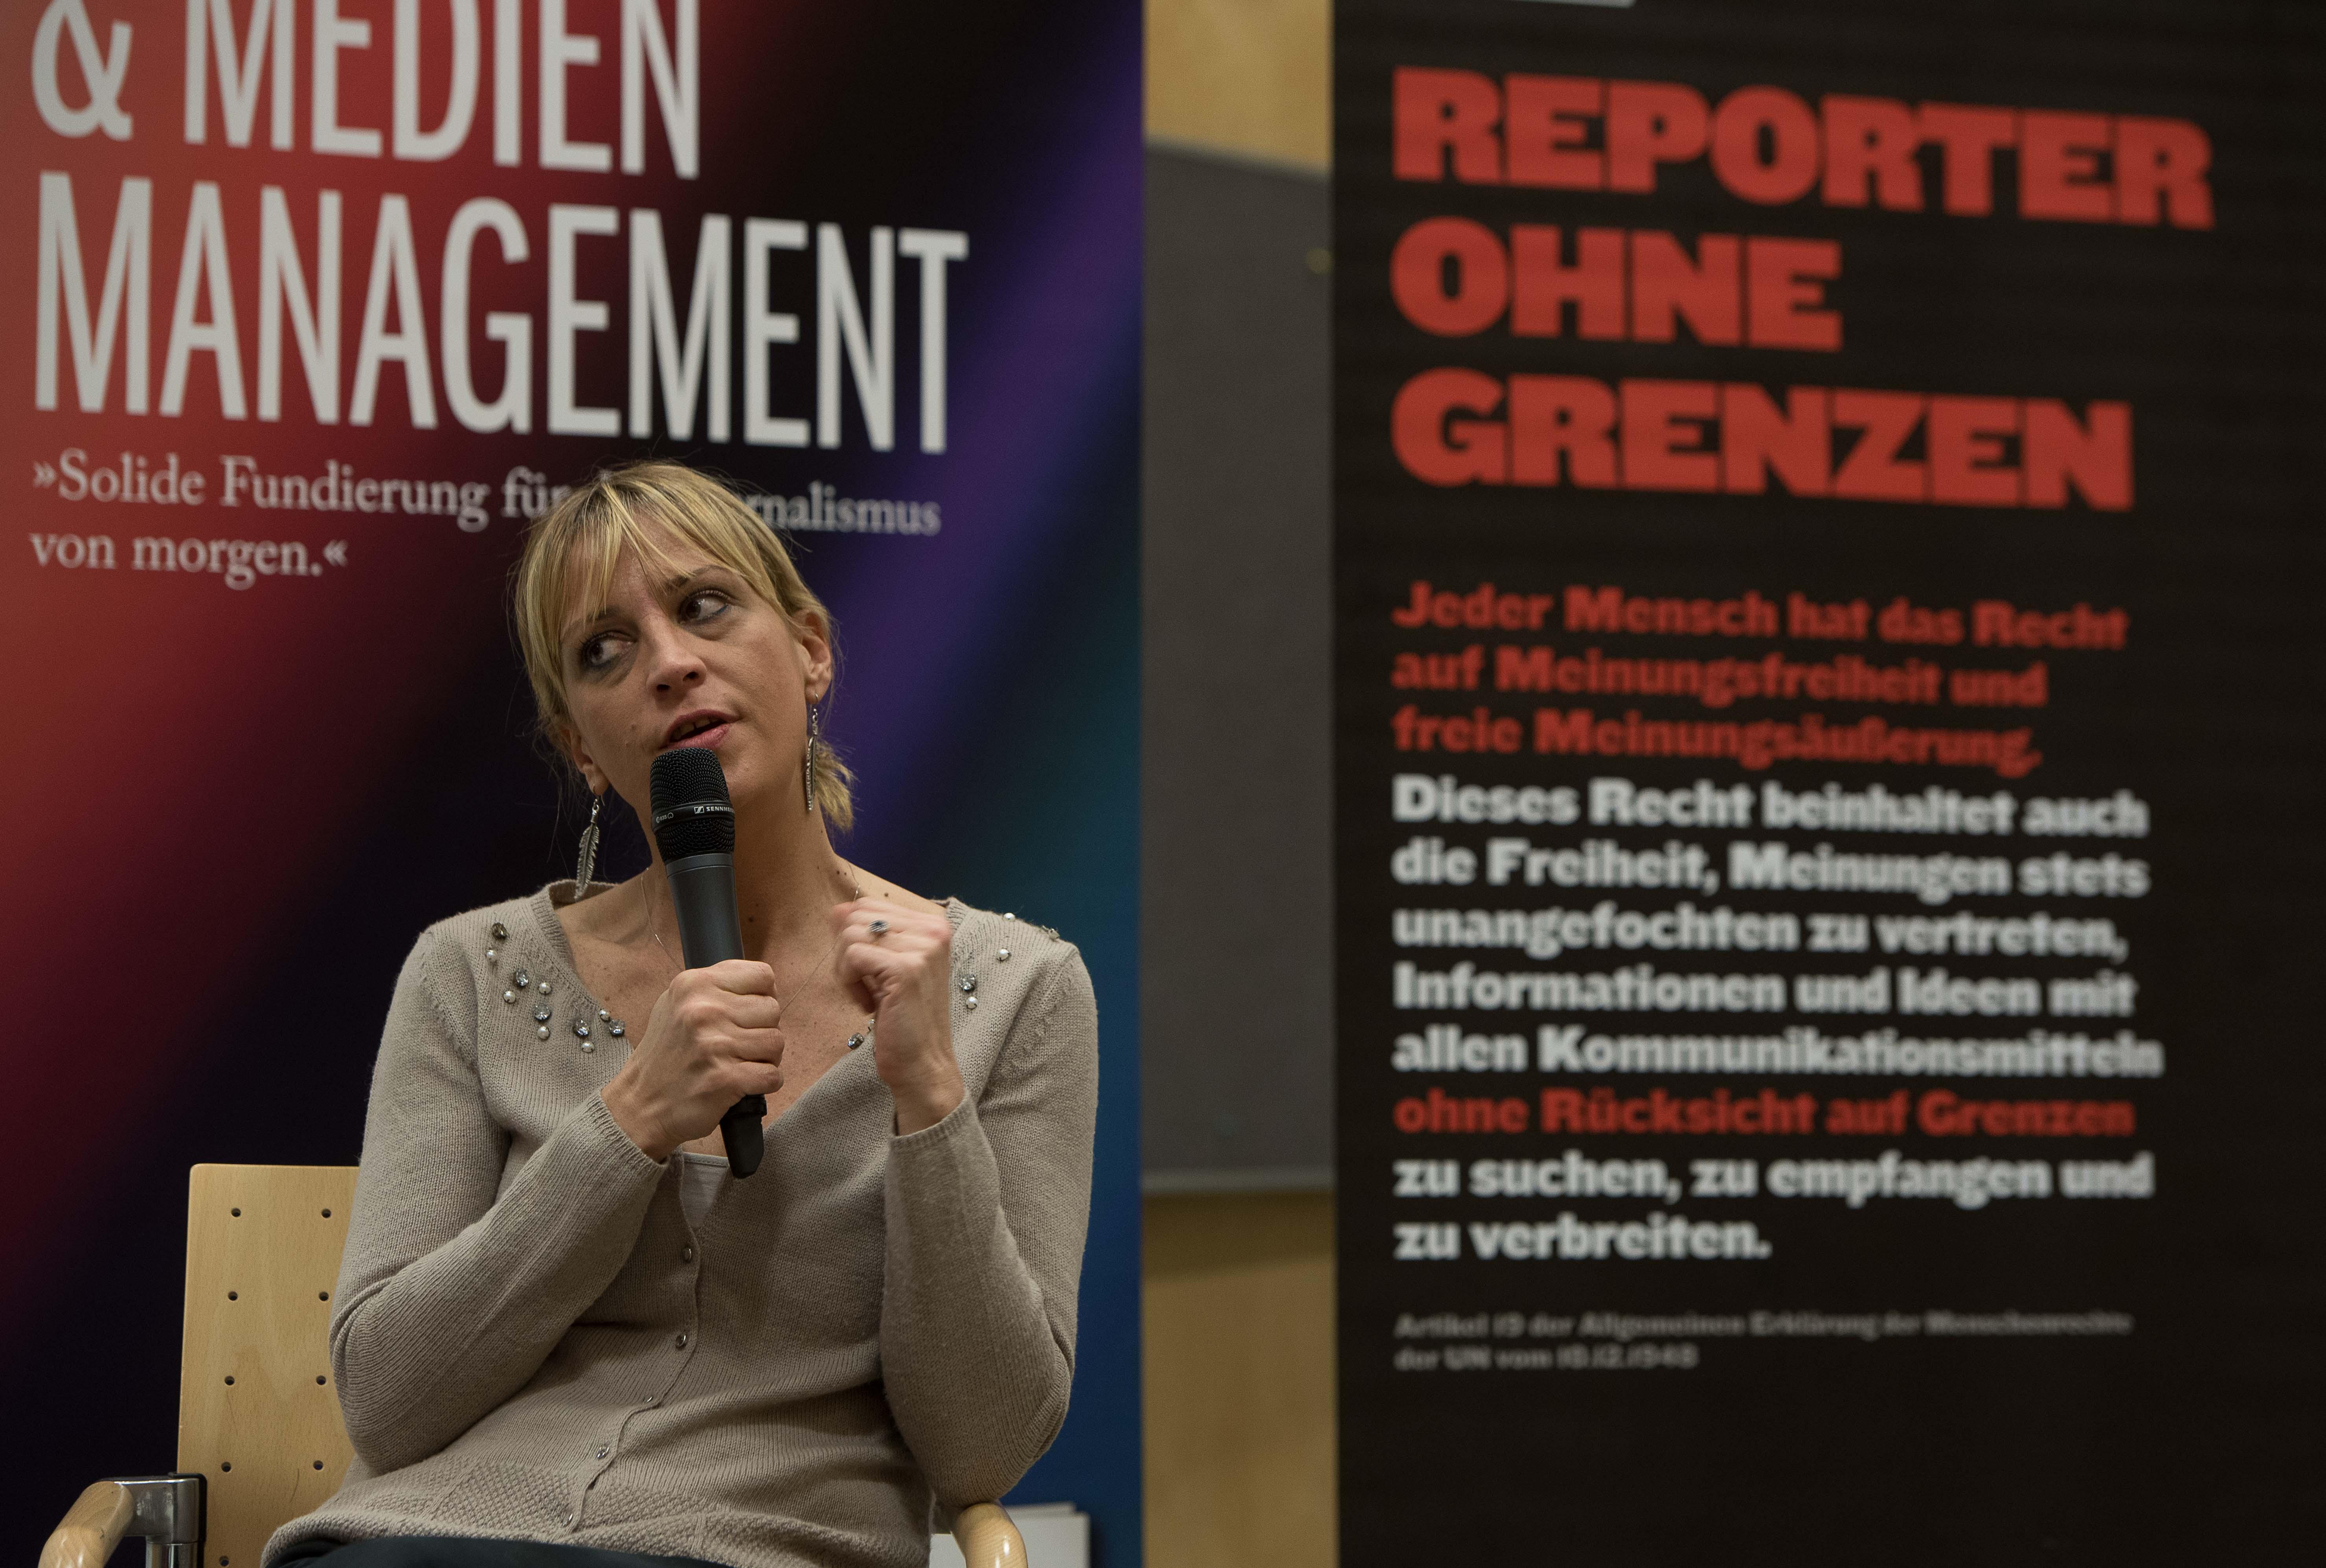 """Türkische Journalistin Ceyda Karan in Wien: """"Religion als Waffe eingesetzt"""""""